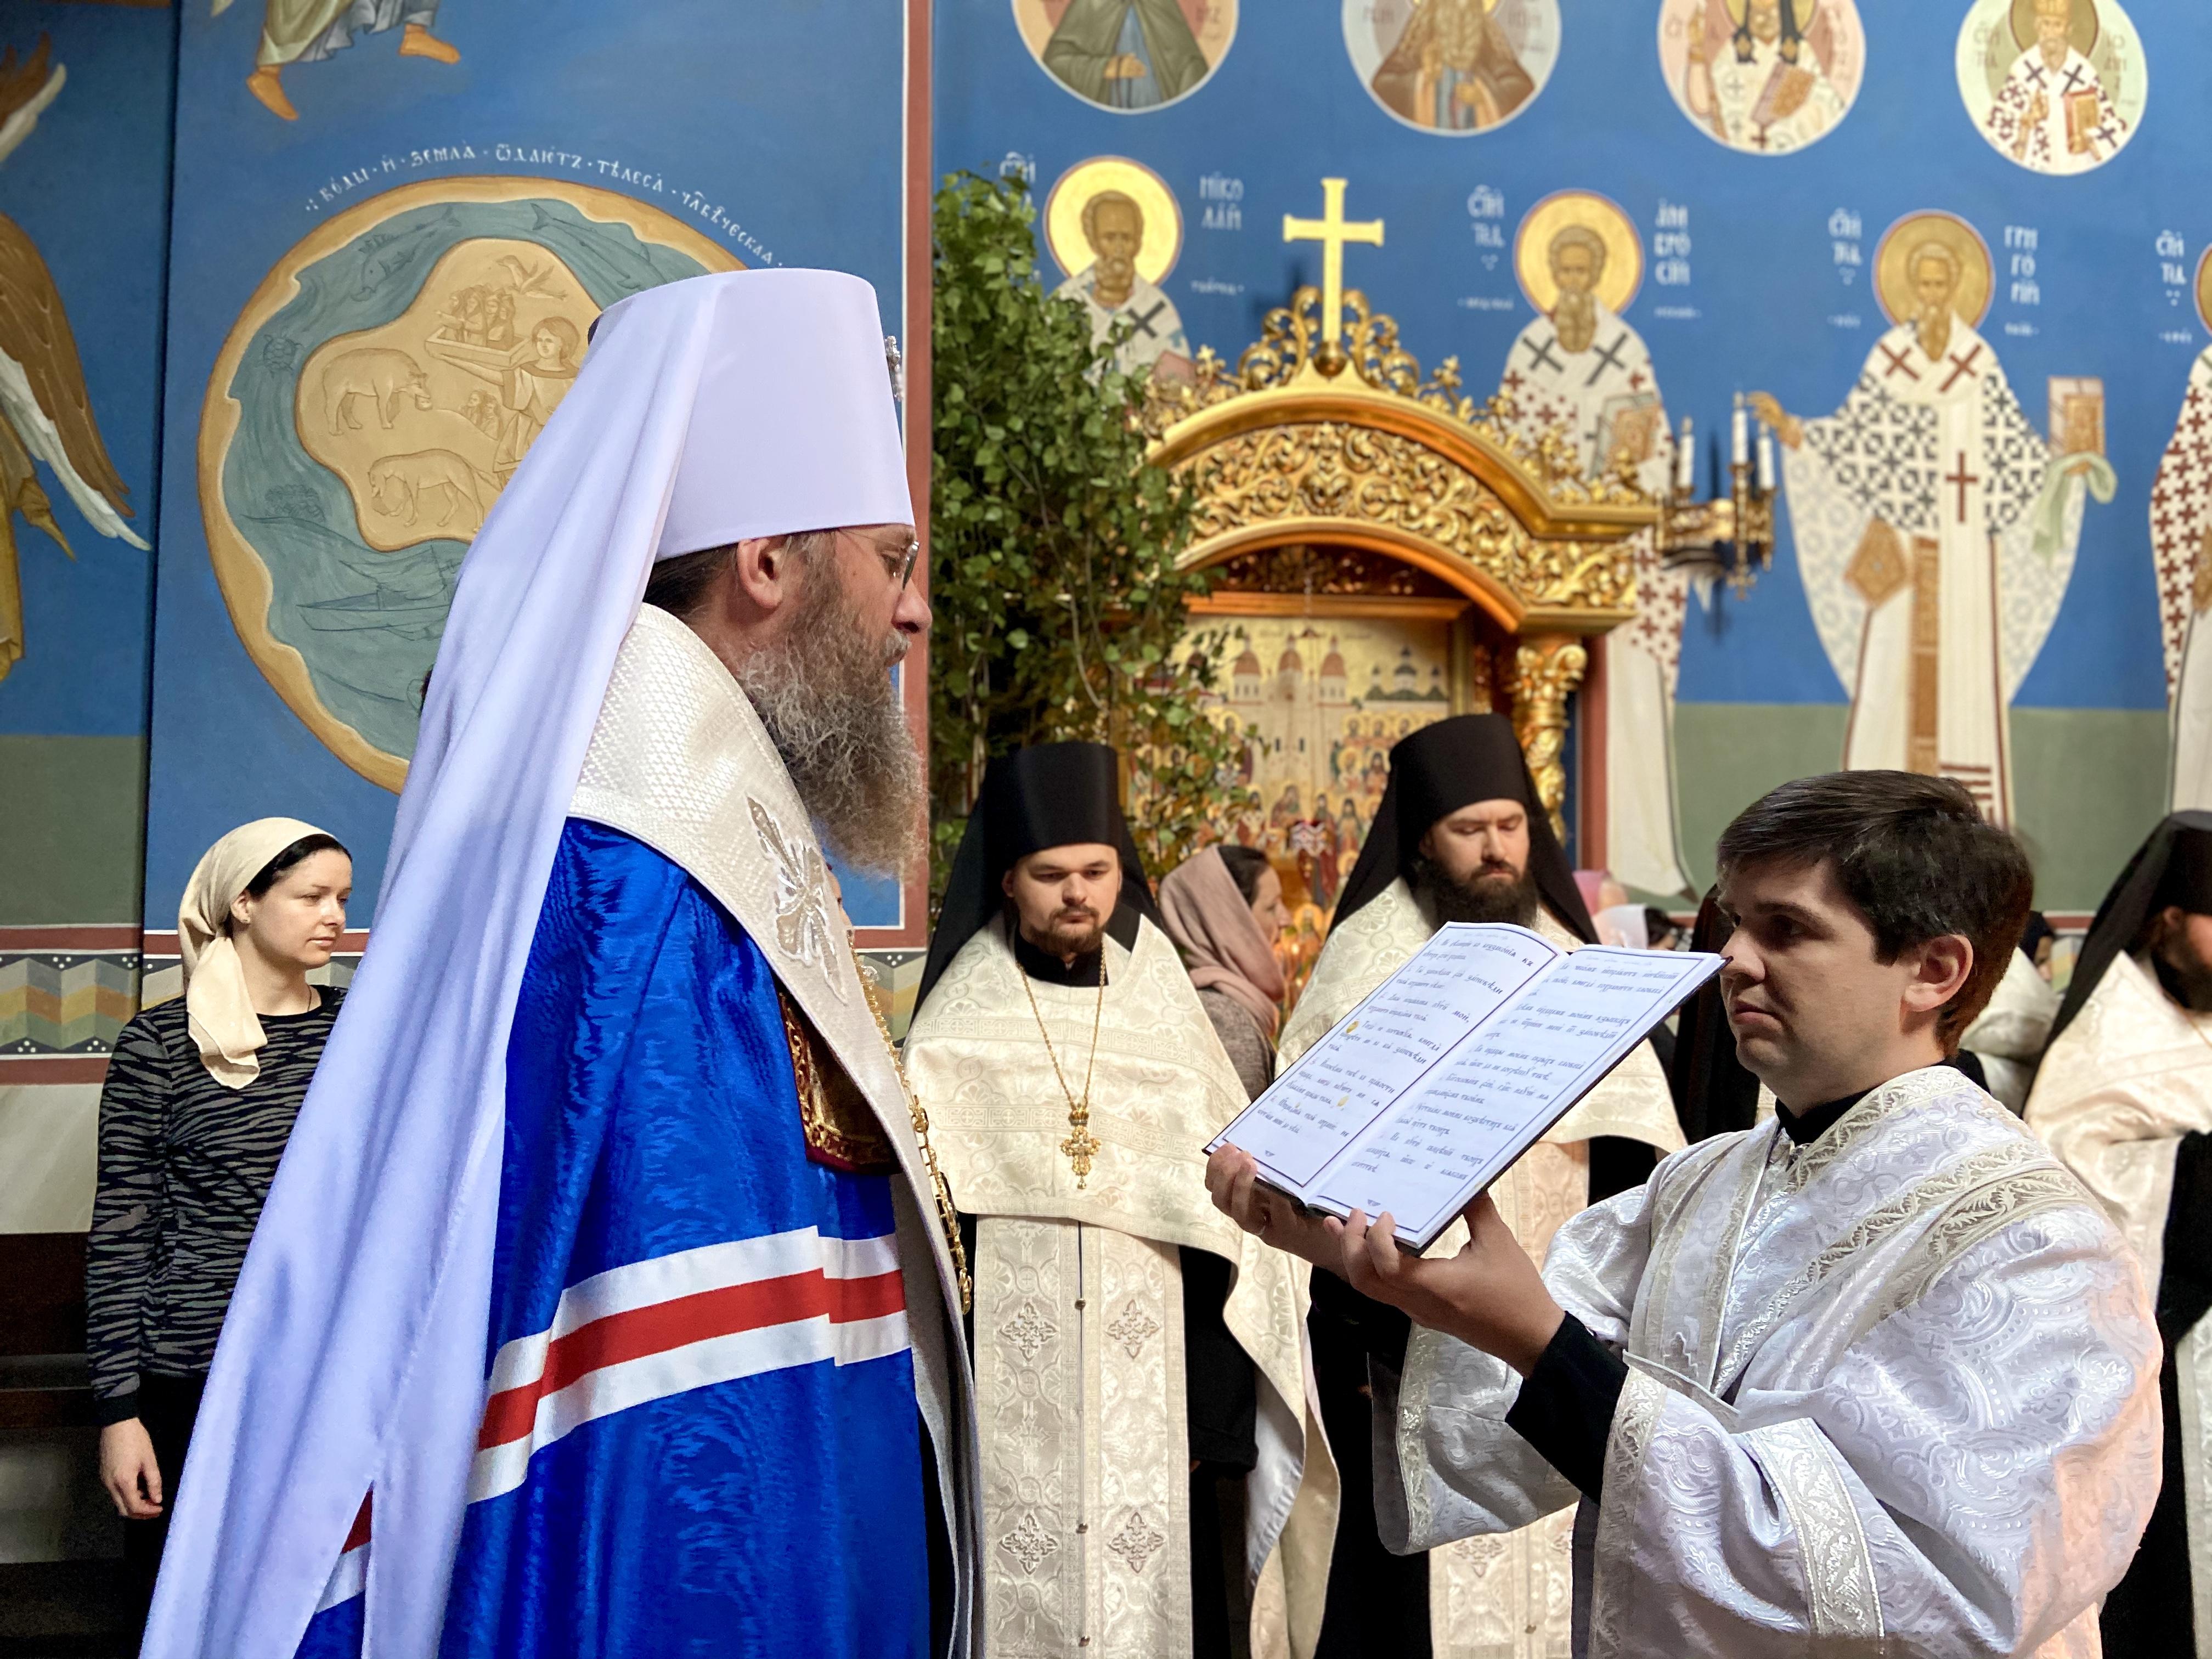 Керуючий справами УПЦ звершив Парастас напередодні Троїцької батьківської суботи